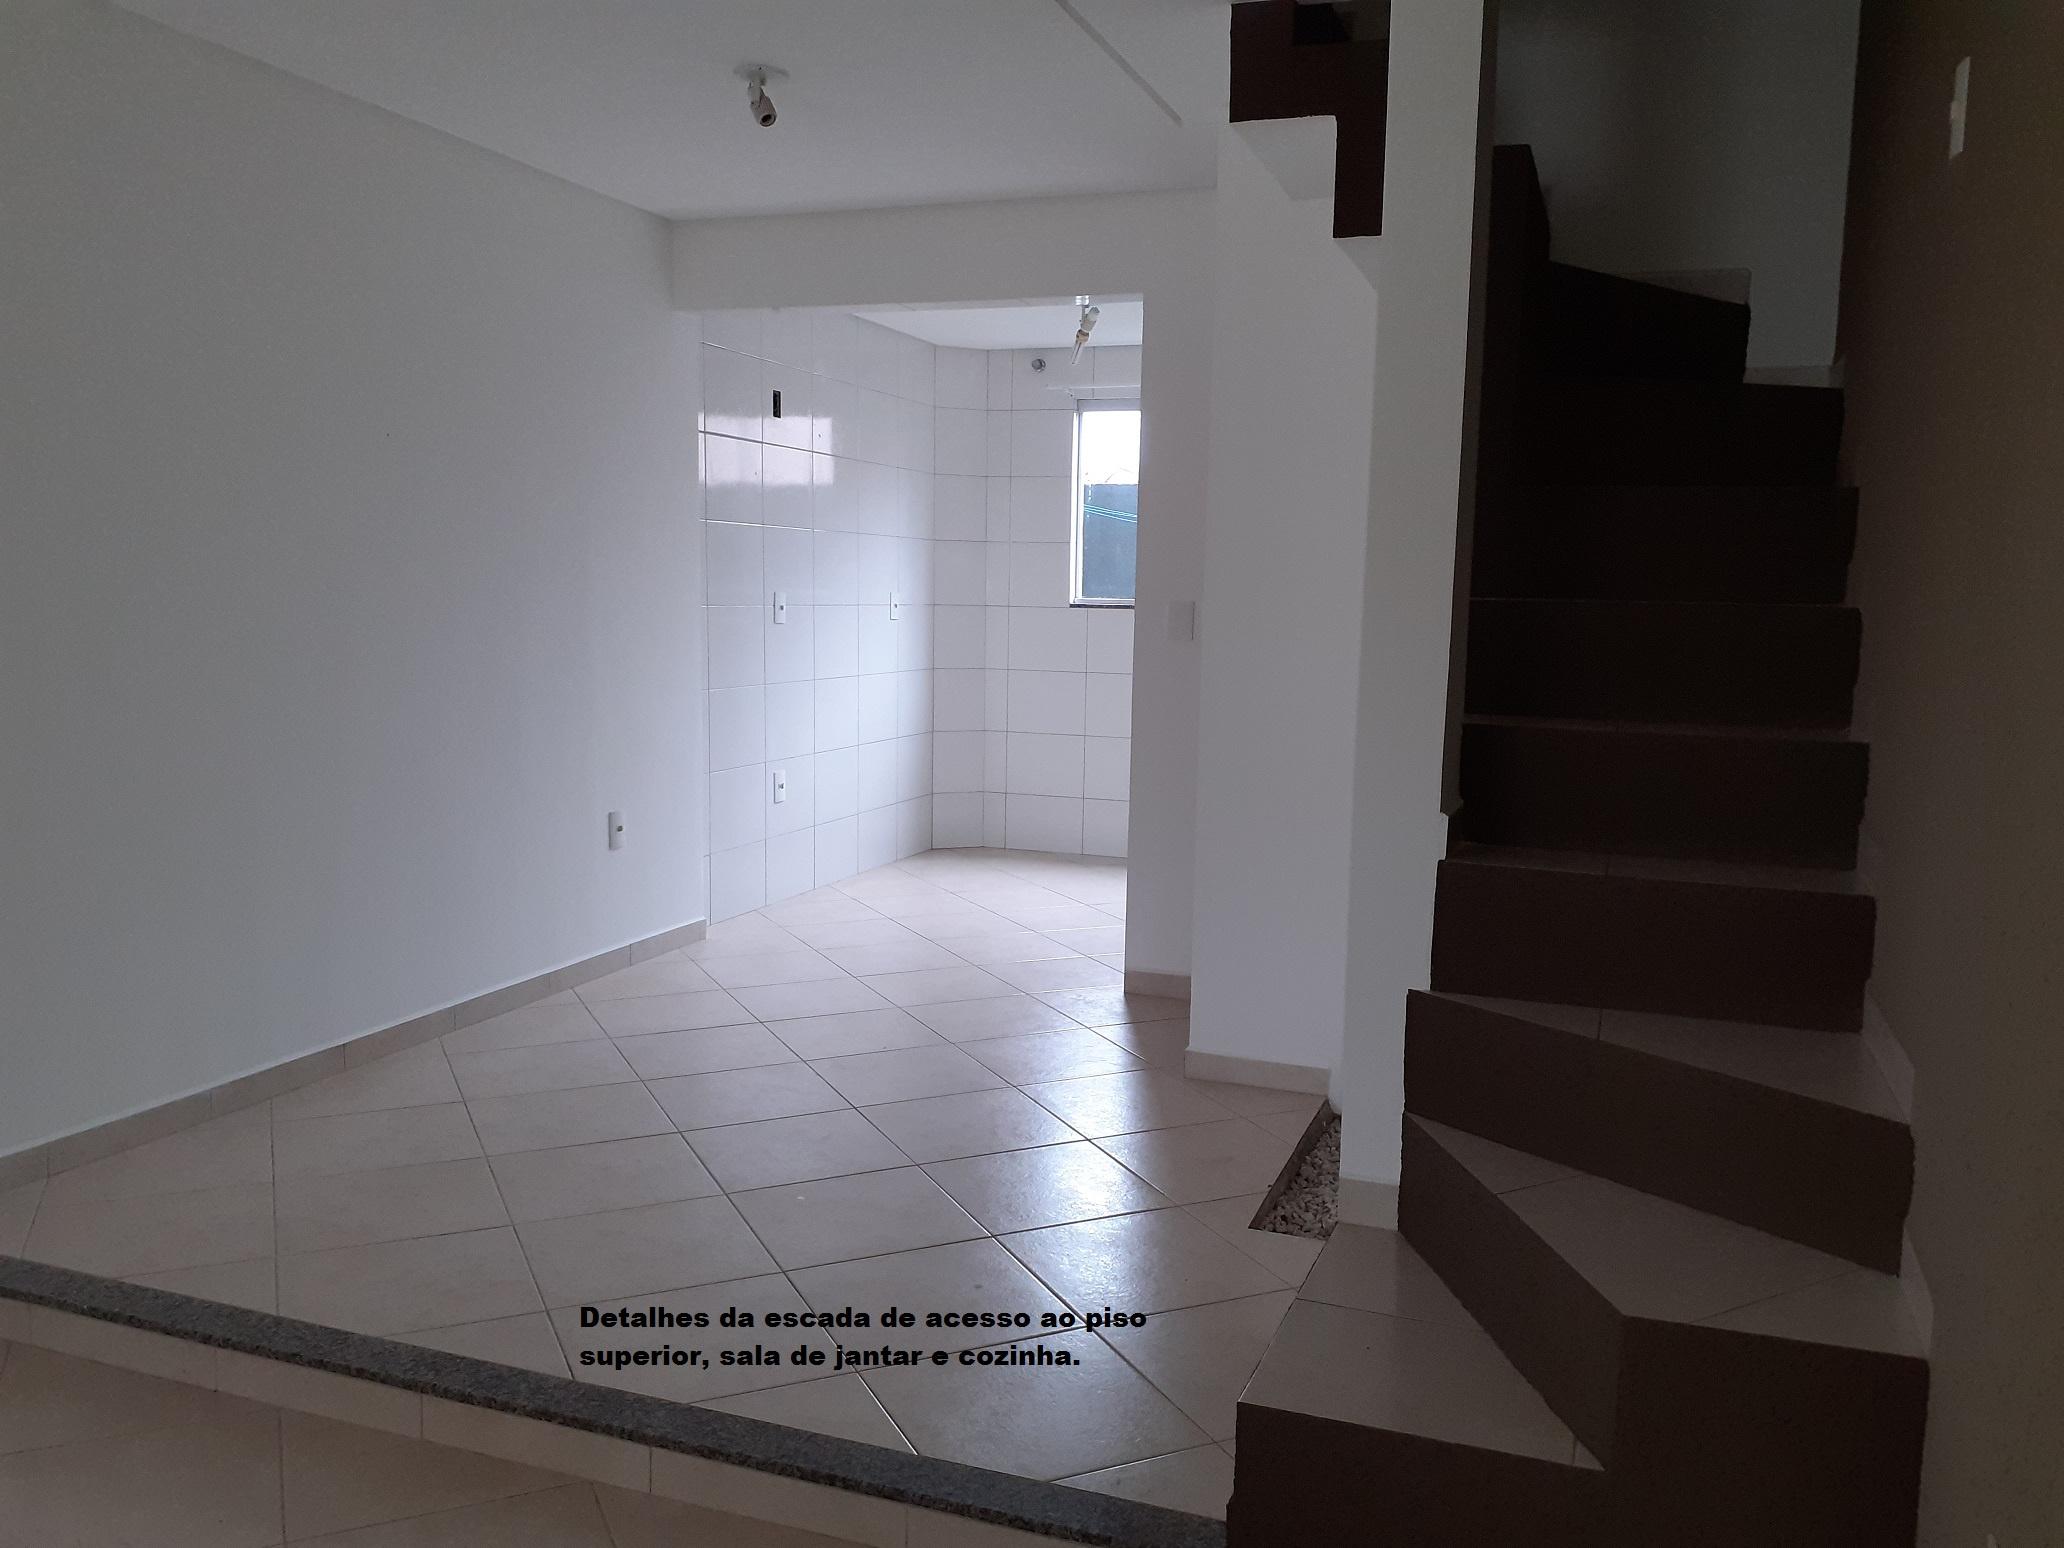 https://0201.nccdn.net/4_2/000/000/050/773/004-Escada-e-sala-jantar-2064x1548.jpg